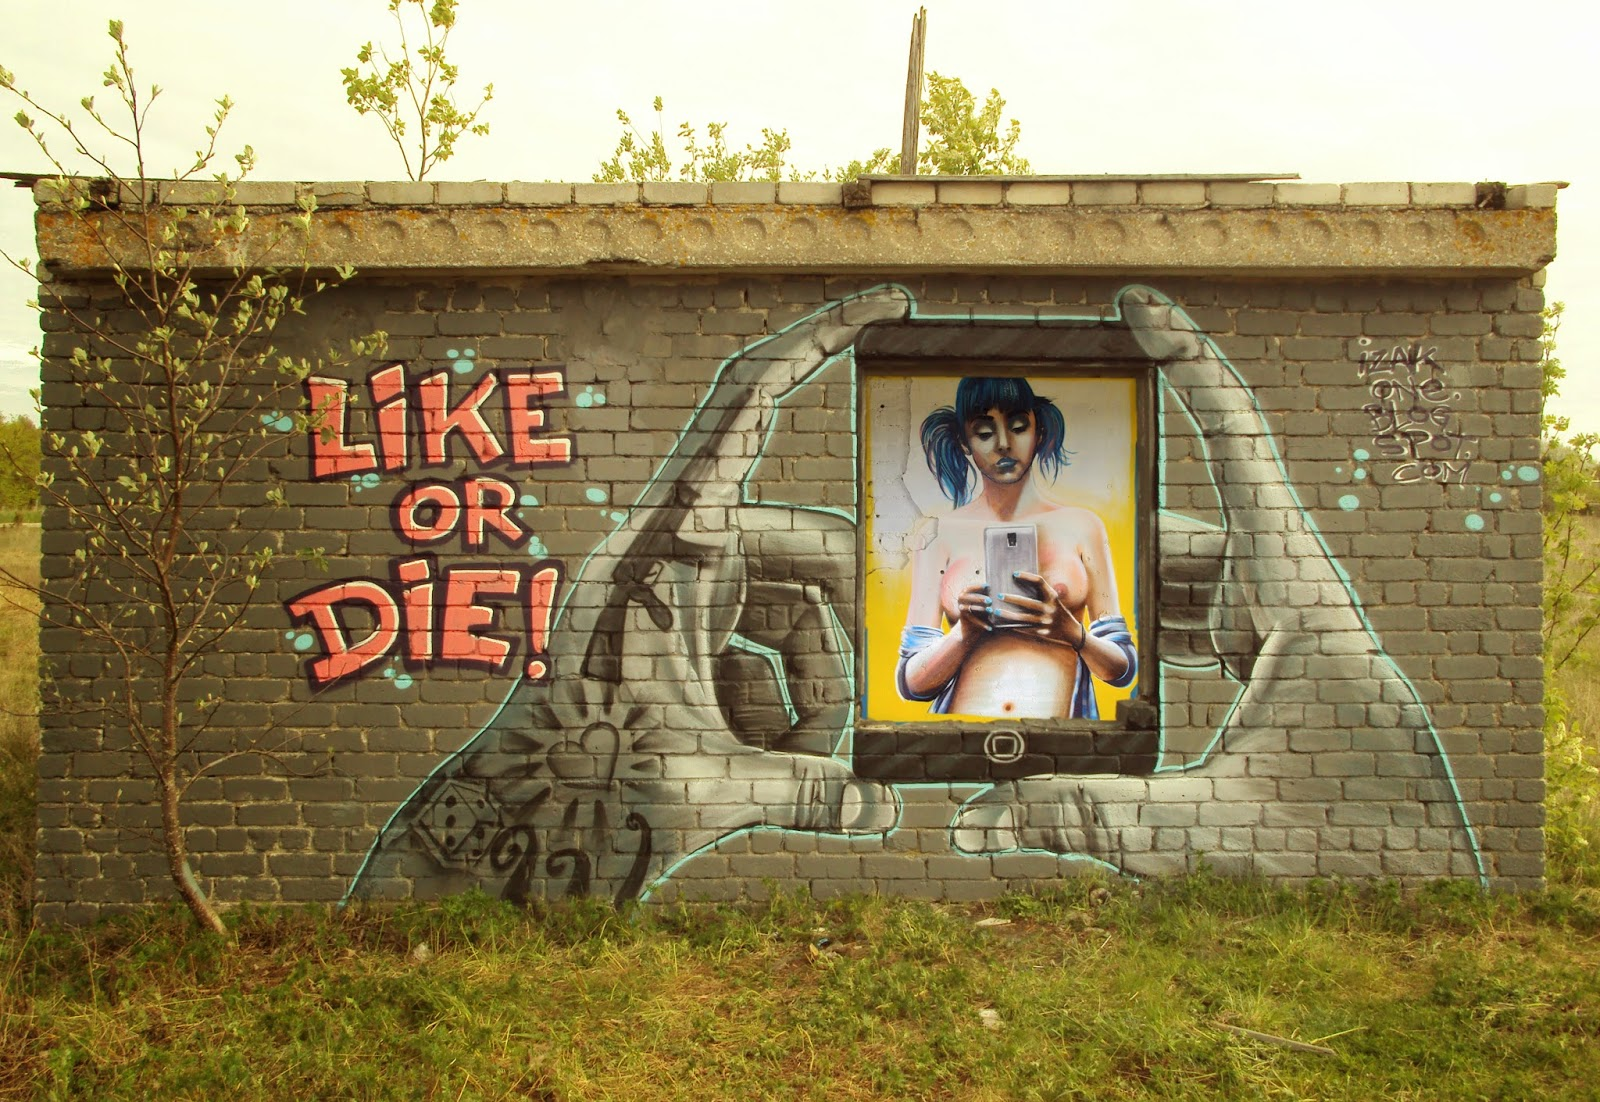 street art eesti, graffiti estonia, izak one, art, street art chile, street art, street art estonia, street art chile, sketch, graffiti, mural, like or die, izak, izak one